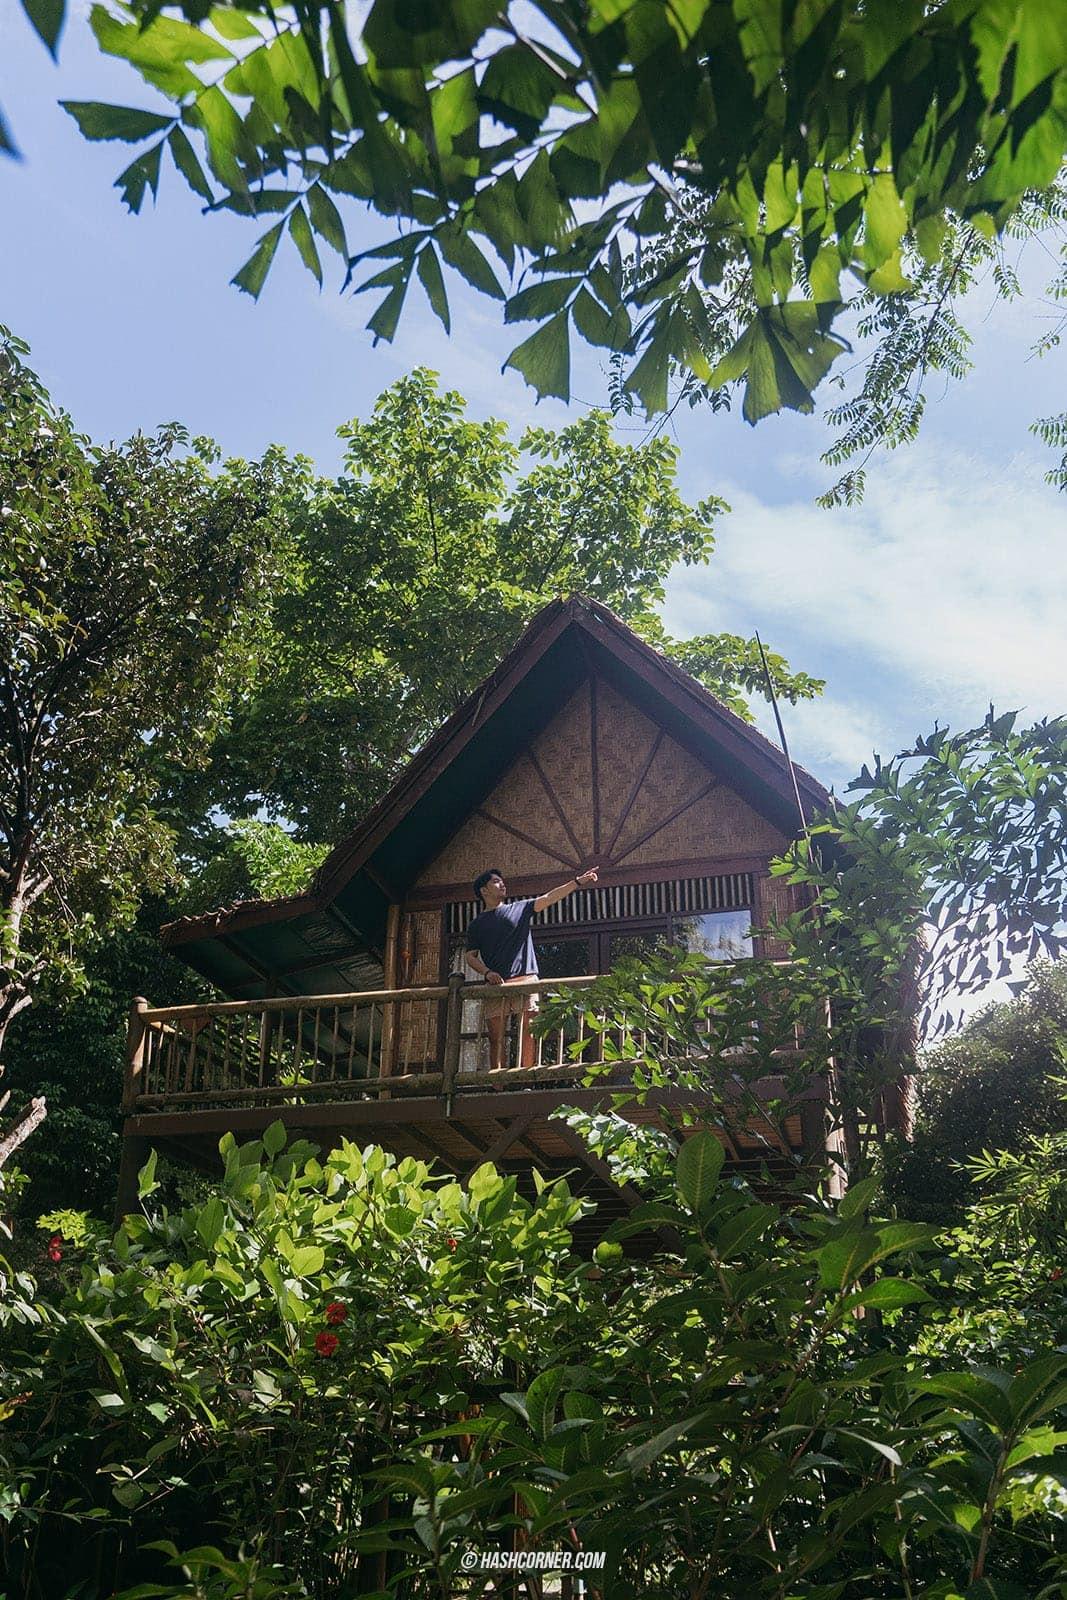 รีวิว สุราษฎร์ธานี : 11 ที่เที่ยว-ที่พักสุราษฎร์ ปังๆ!